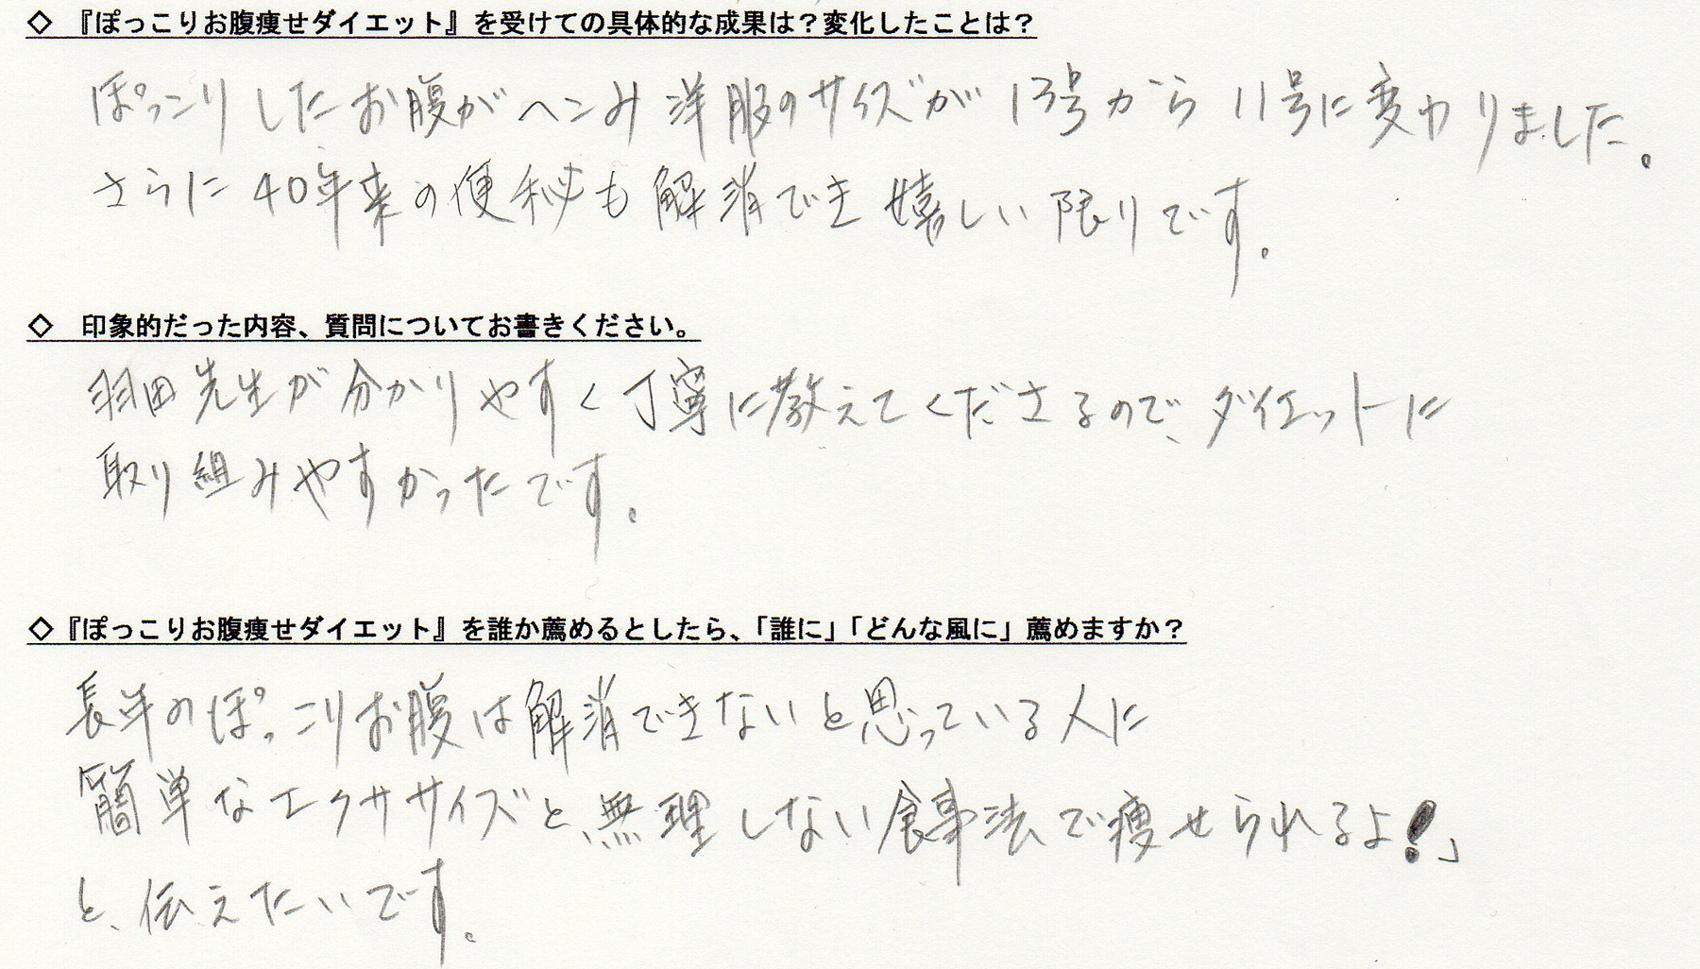 ぽっこりお腹痩せダイエット│健康ダイエット方法で下腹解消に成功【健康美ラボ】(1)-2